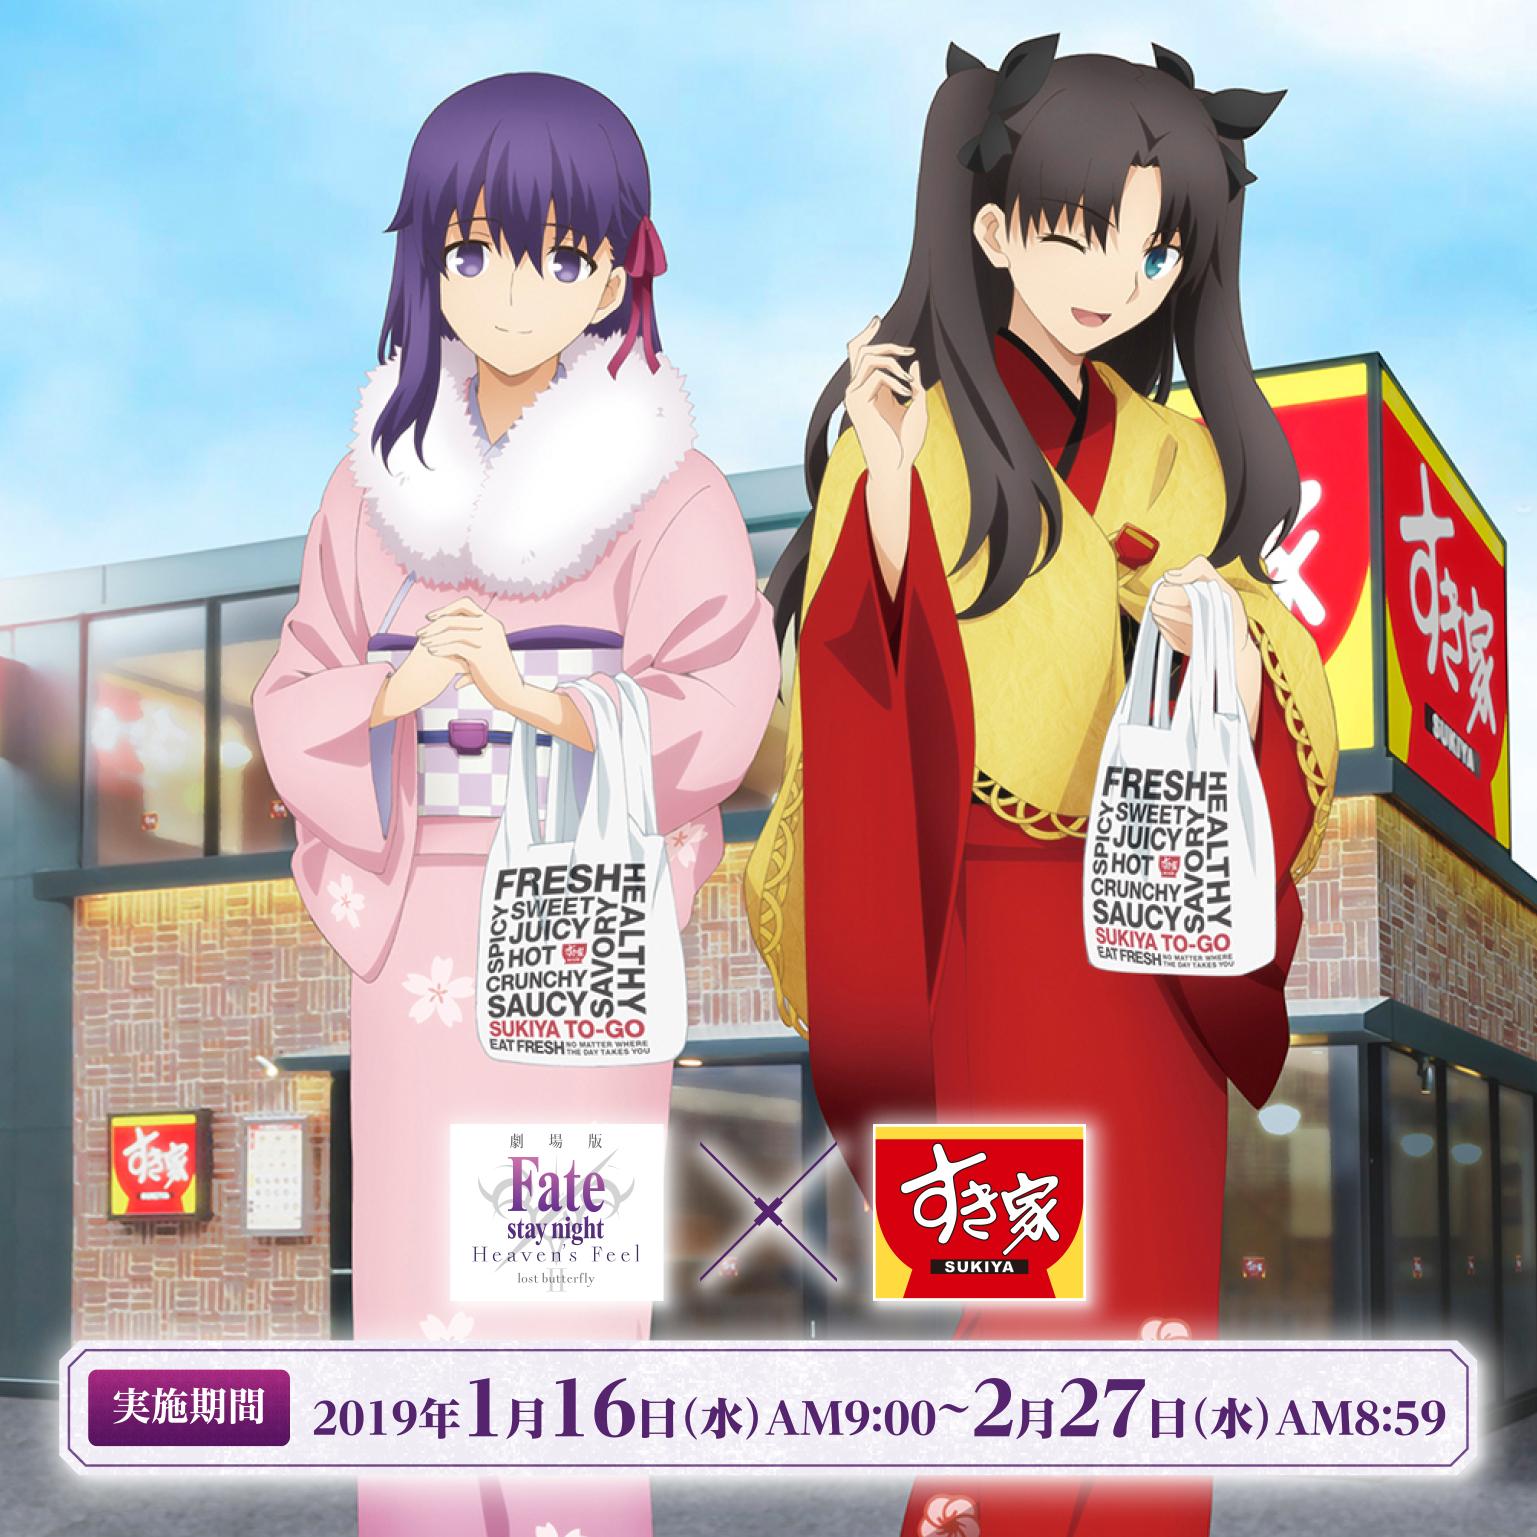 劇場版 Fate Stay Night Heaven S Feel すき家キャンペーン